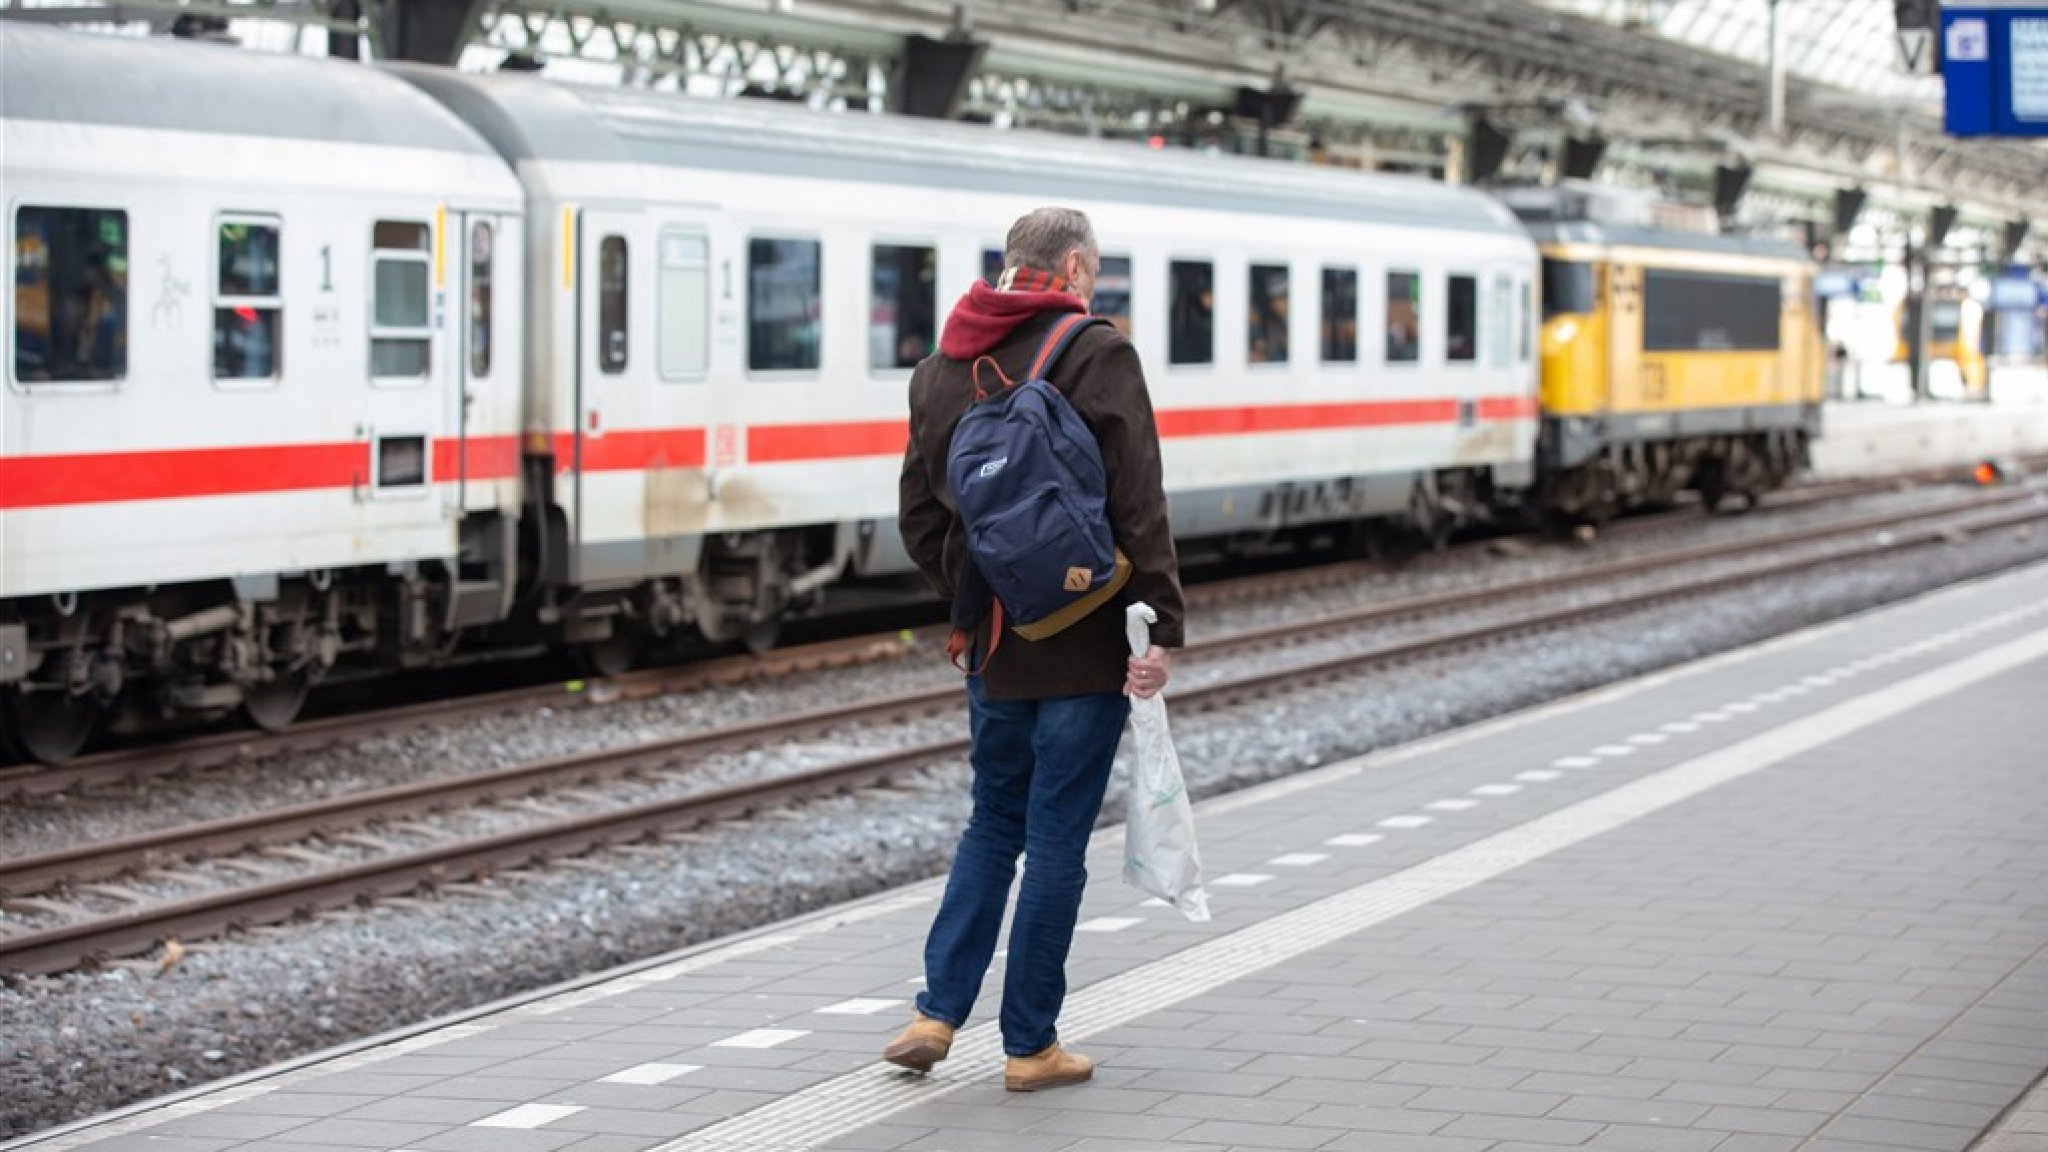 treinreizen internationaal